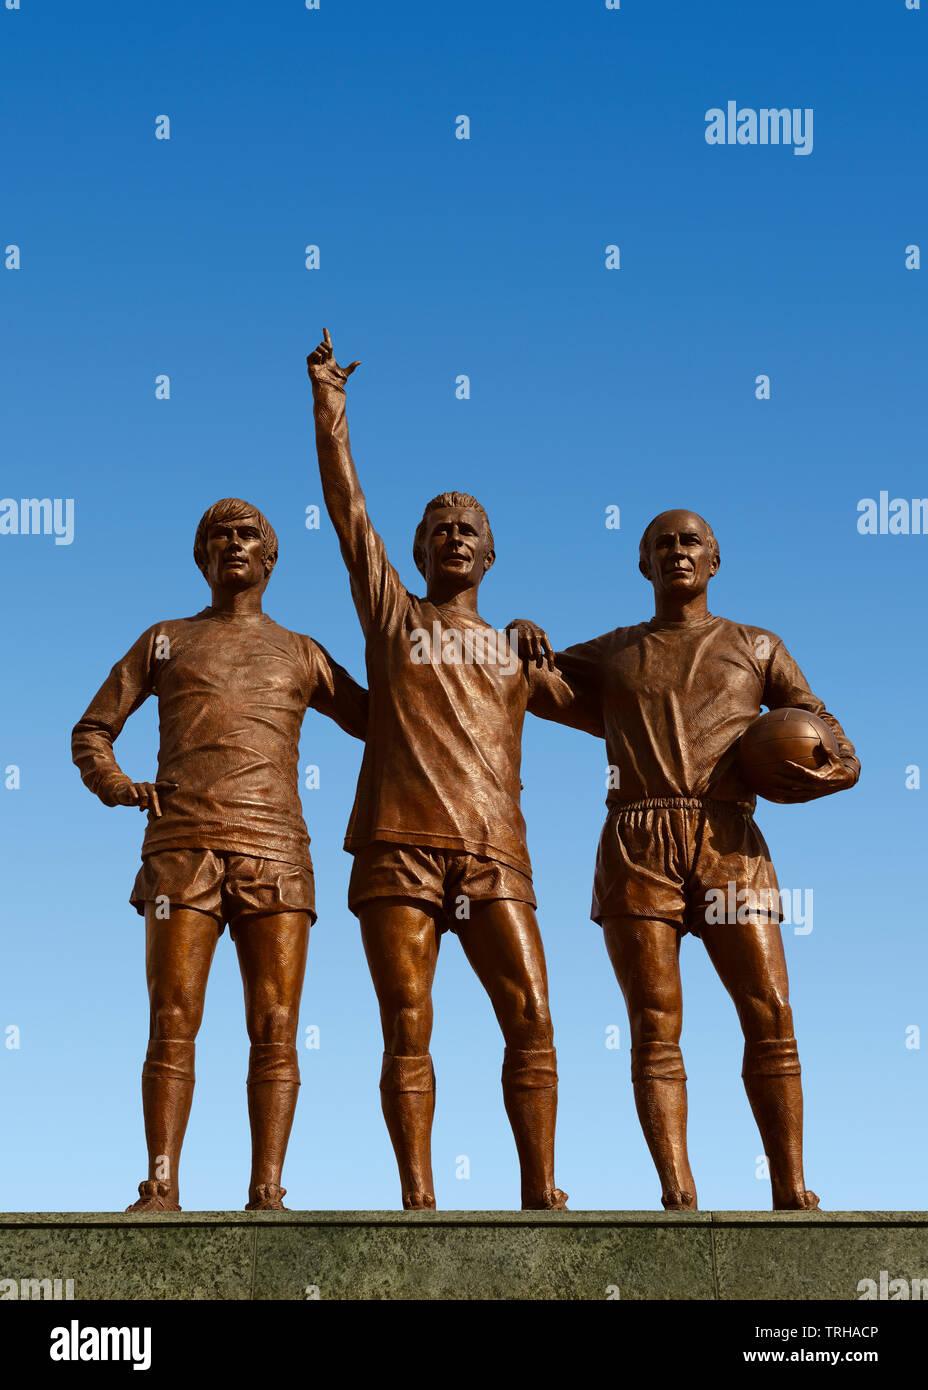 Statue der Heiligen Dreifaltigkeit außerhalb des Stadion von Manchester United, Old Trafford, Manchester, Vereinigtes Königreich Stockbild